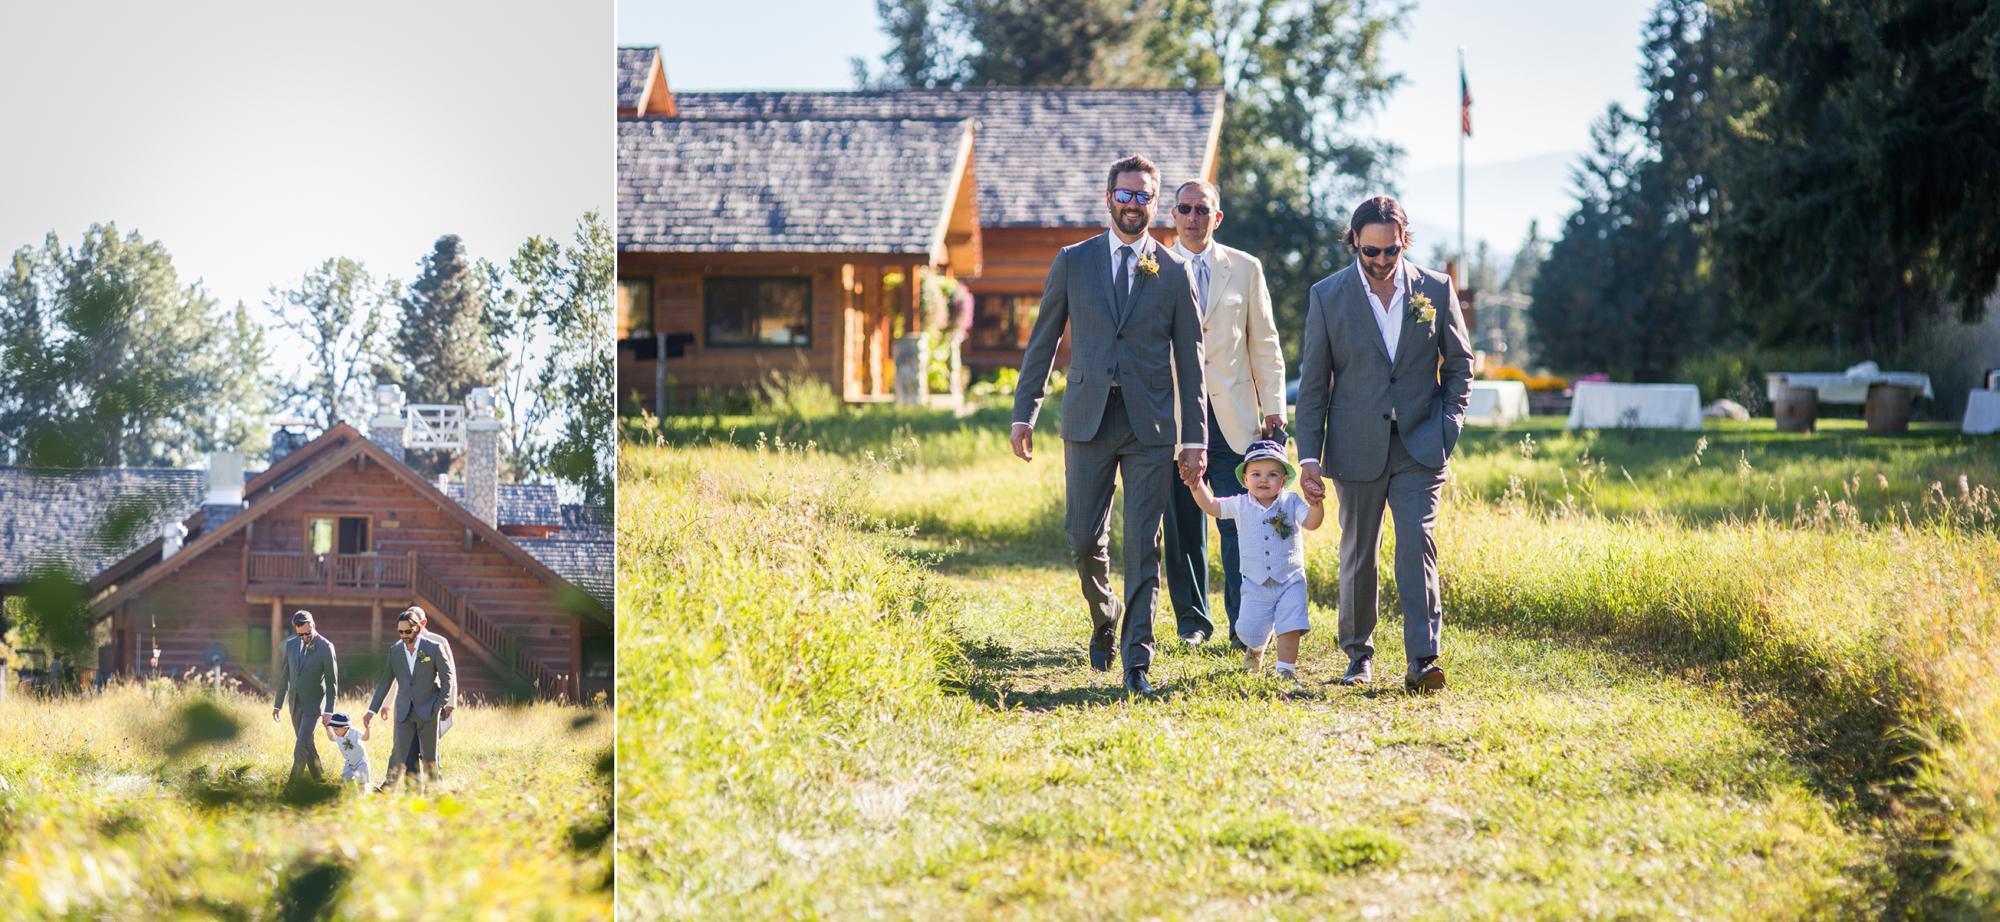 ashley vos photography seattle tacoma area wedding photographer_0817.jpg